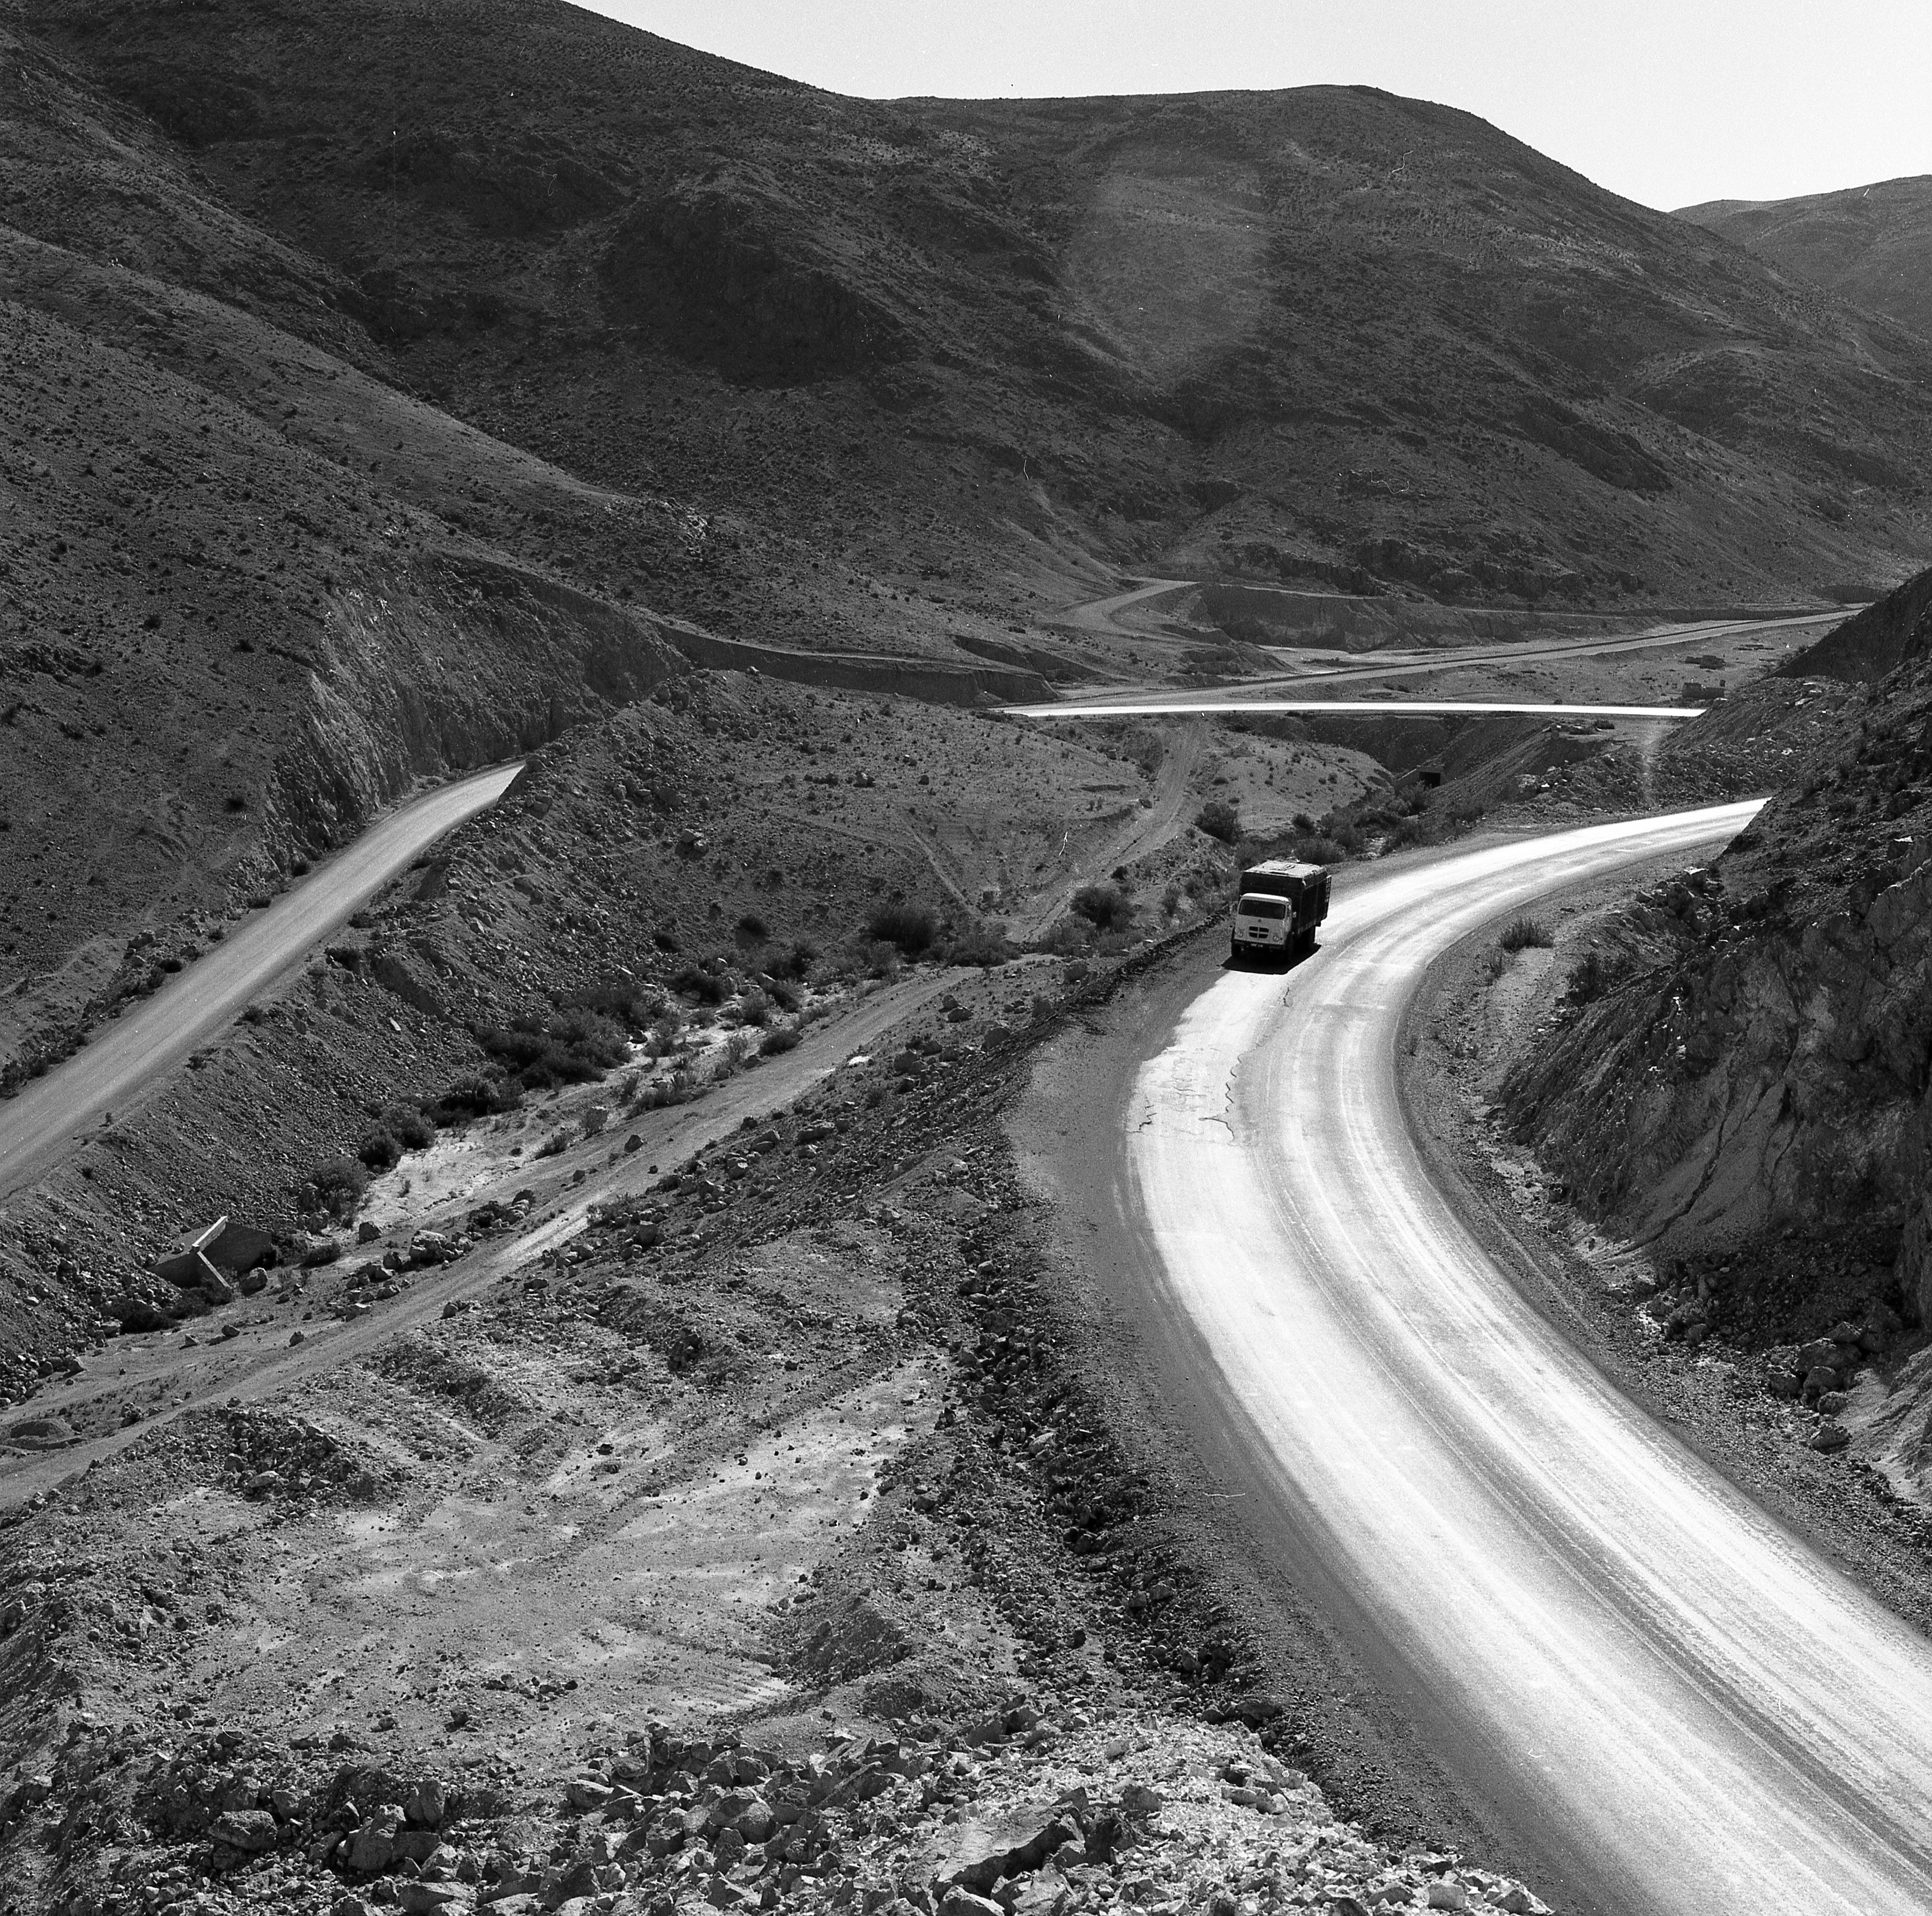 Enterreno - Fotos históricas de chile - fotos antiguas de Chile - Camino de Copiapó a Tal Tal en 1977